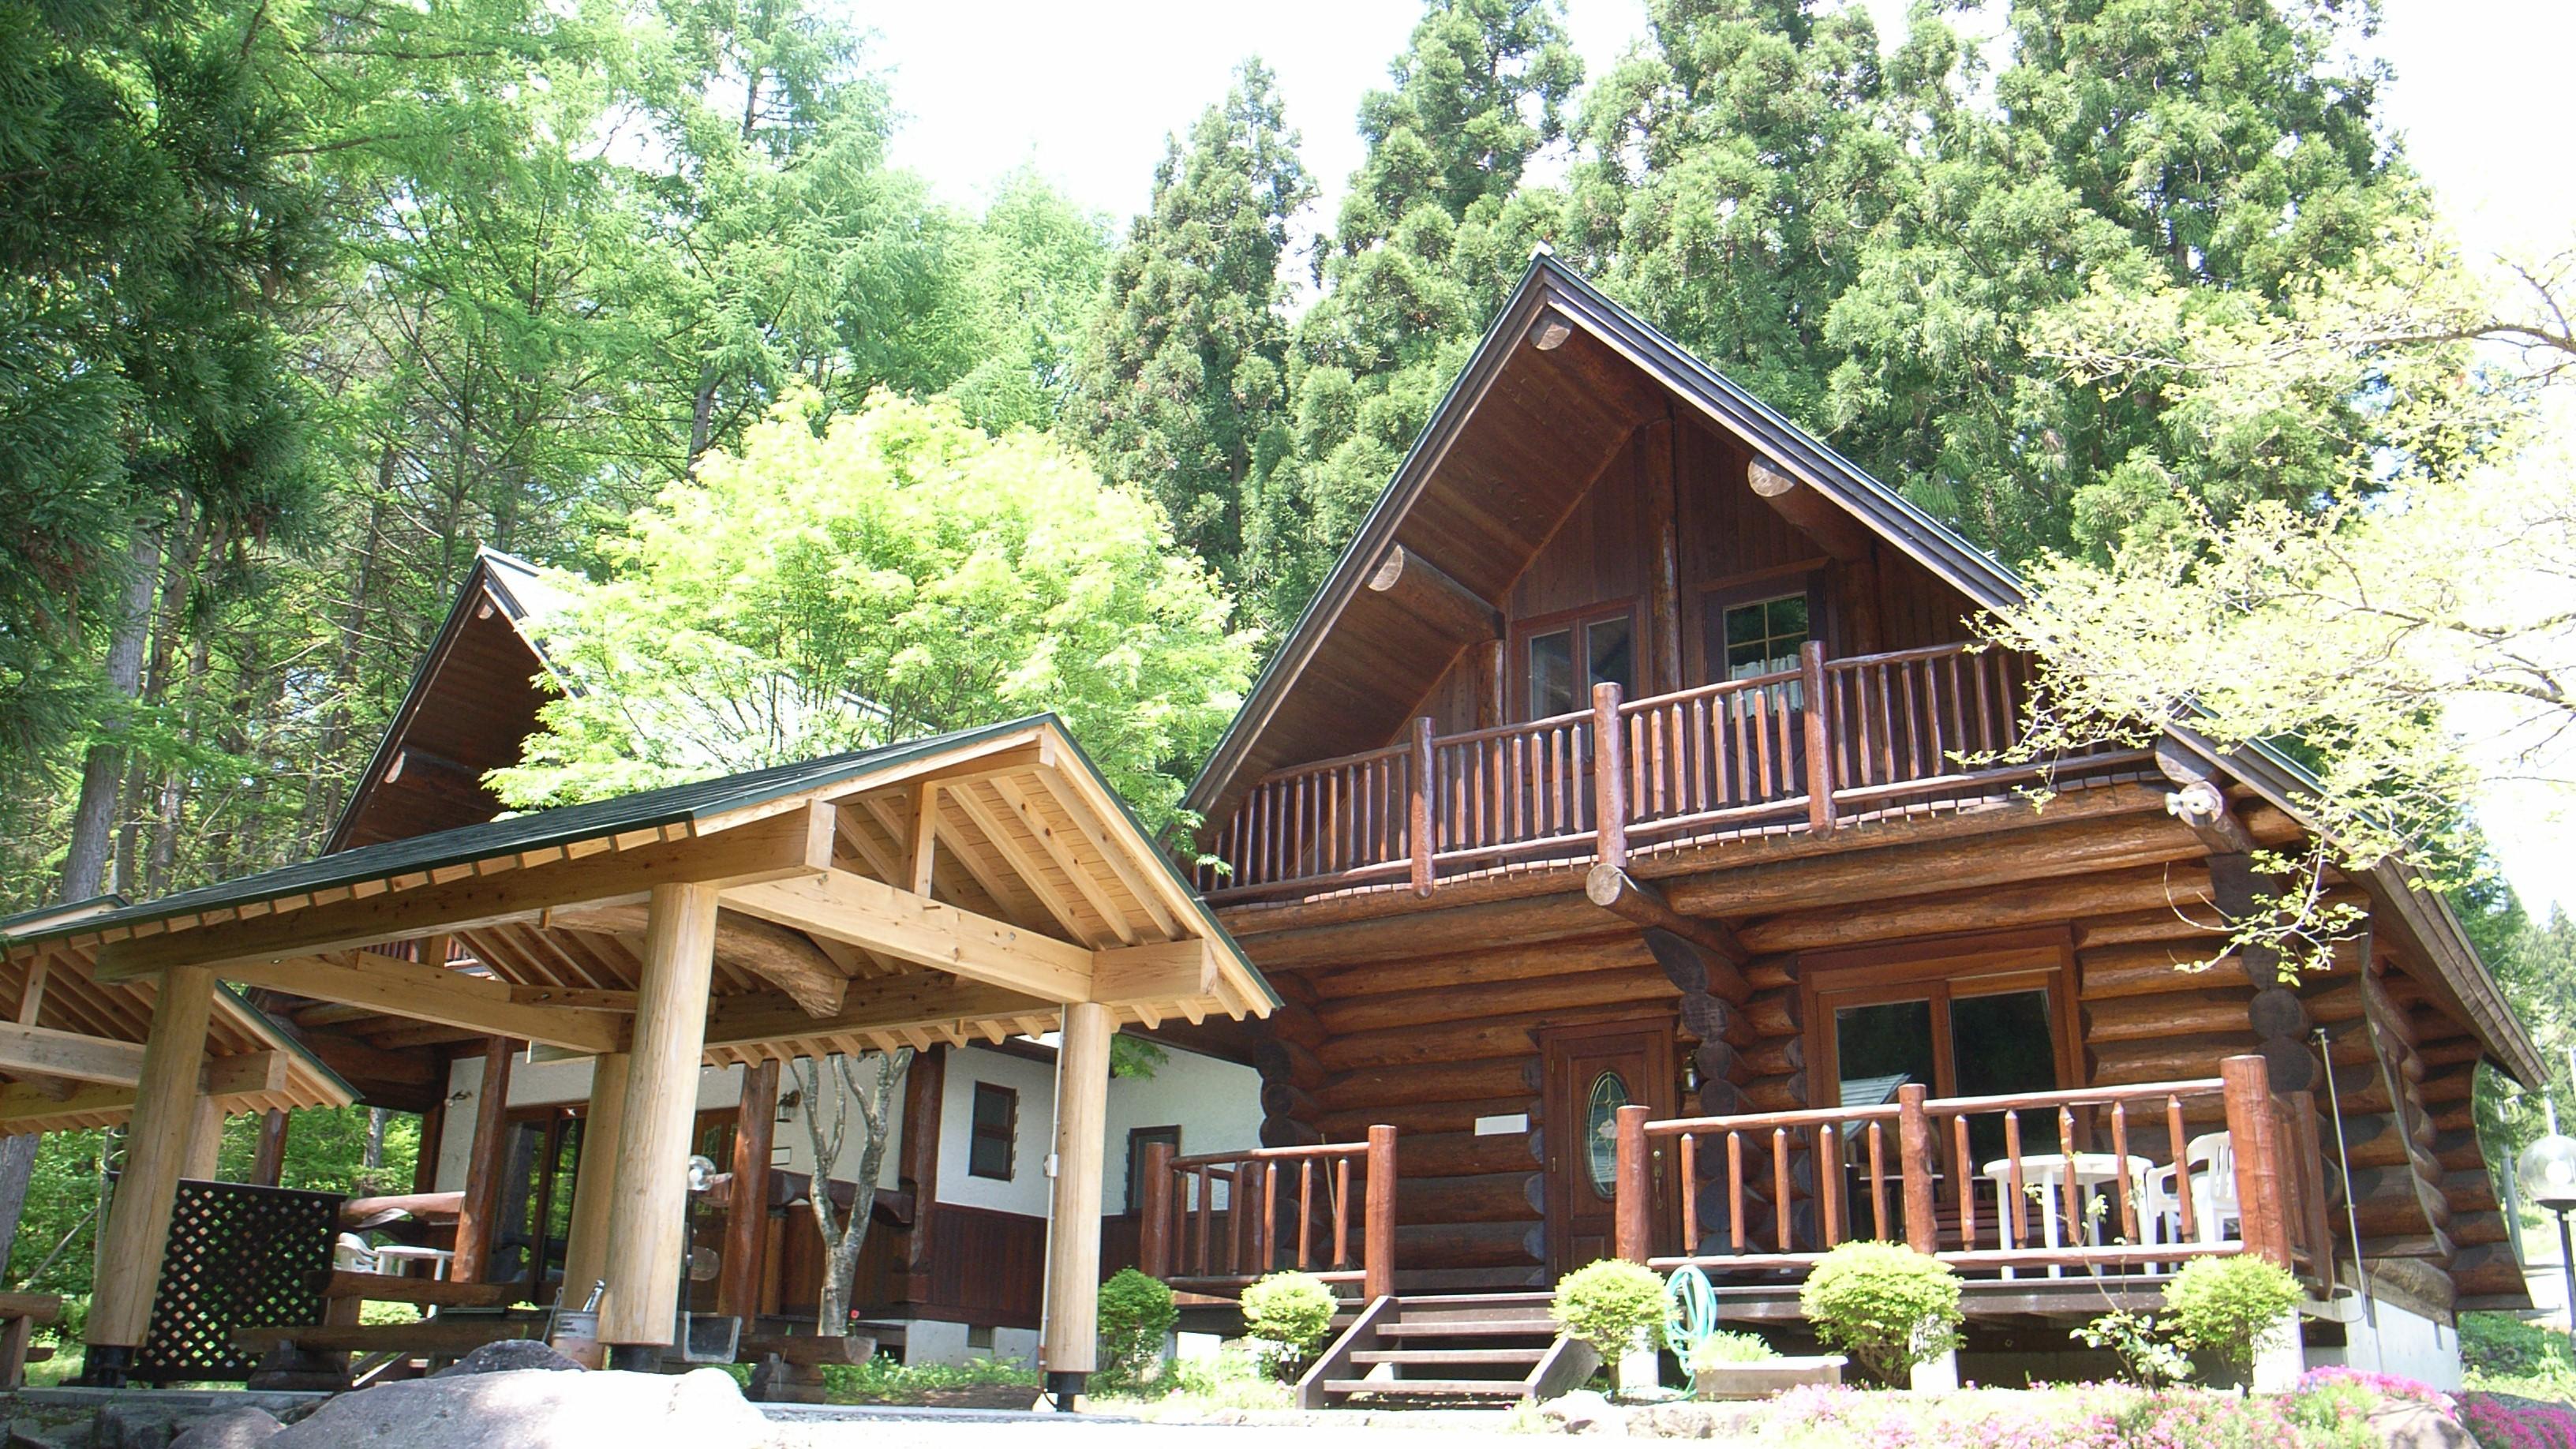 しゃくなげ平貸別荘&コテージ磐の森オール・リゾート・サービスの画像